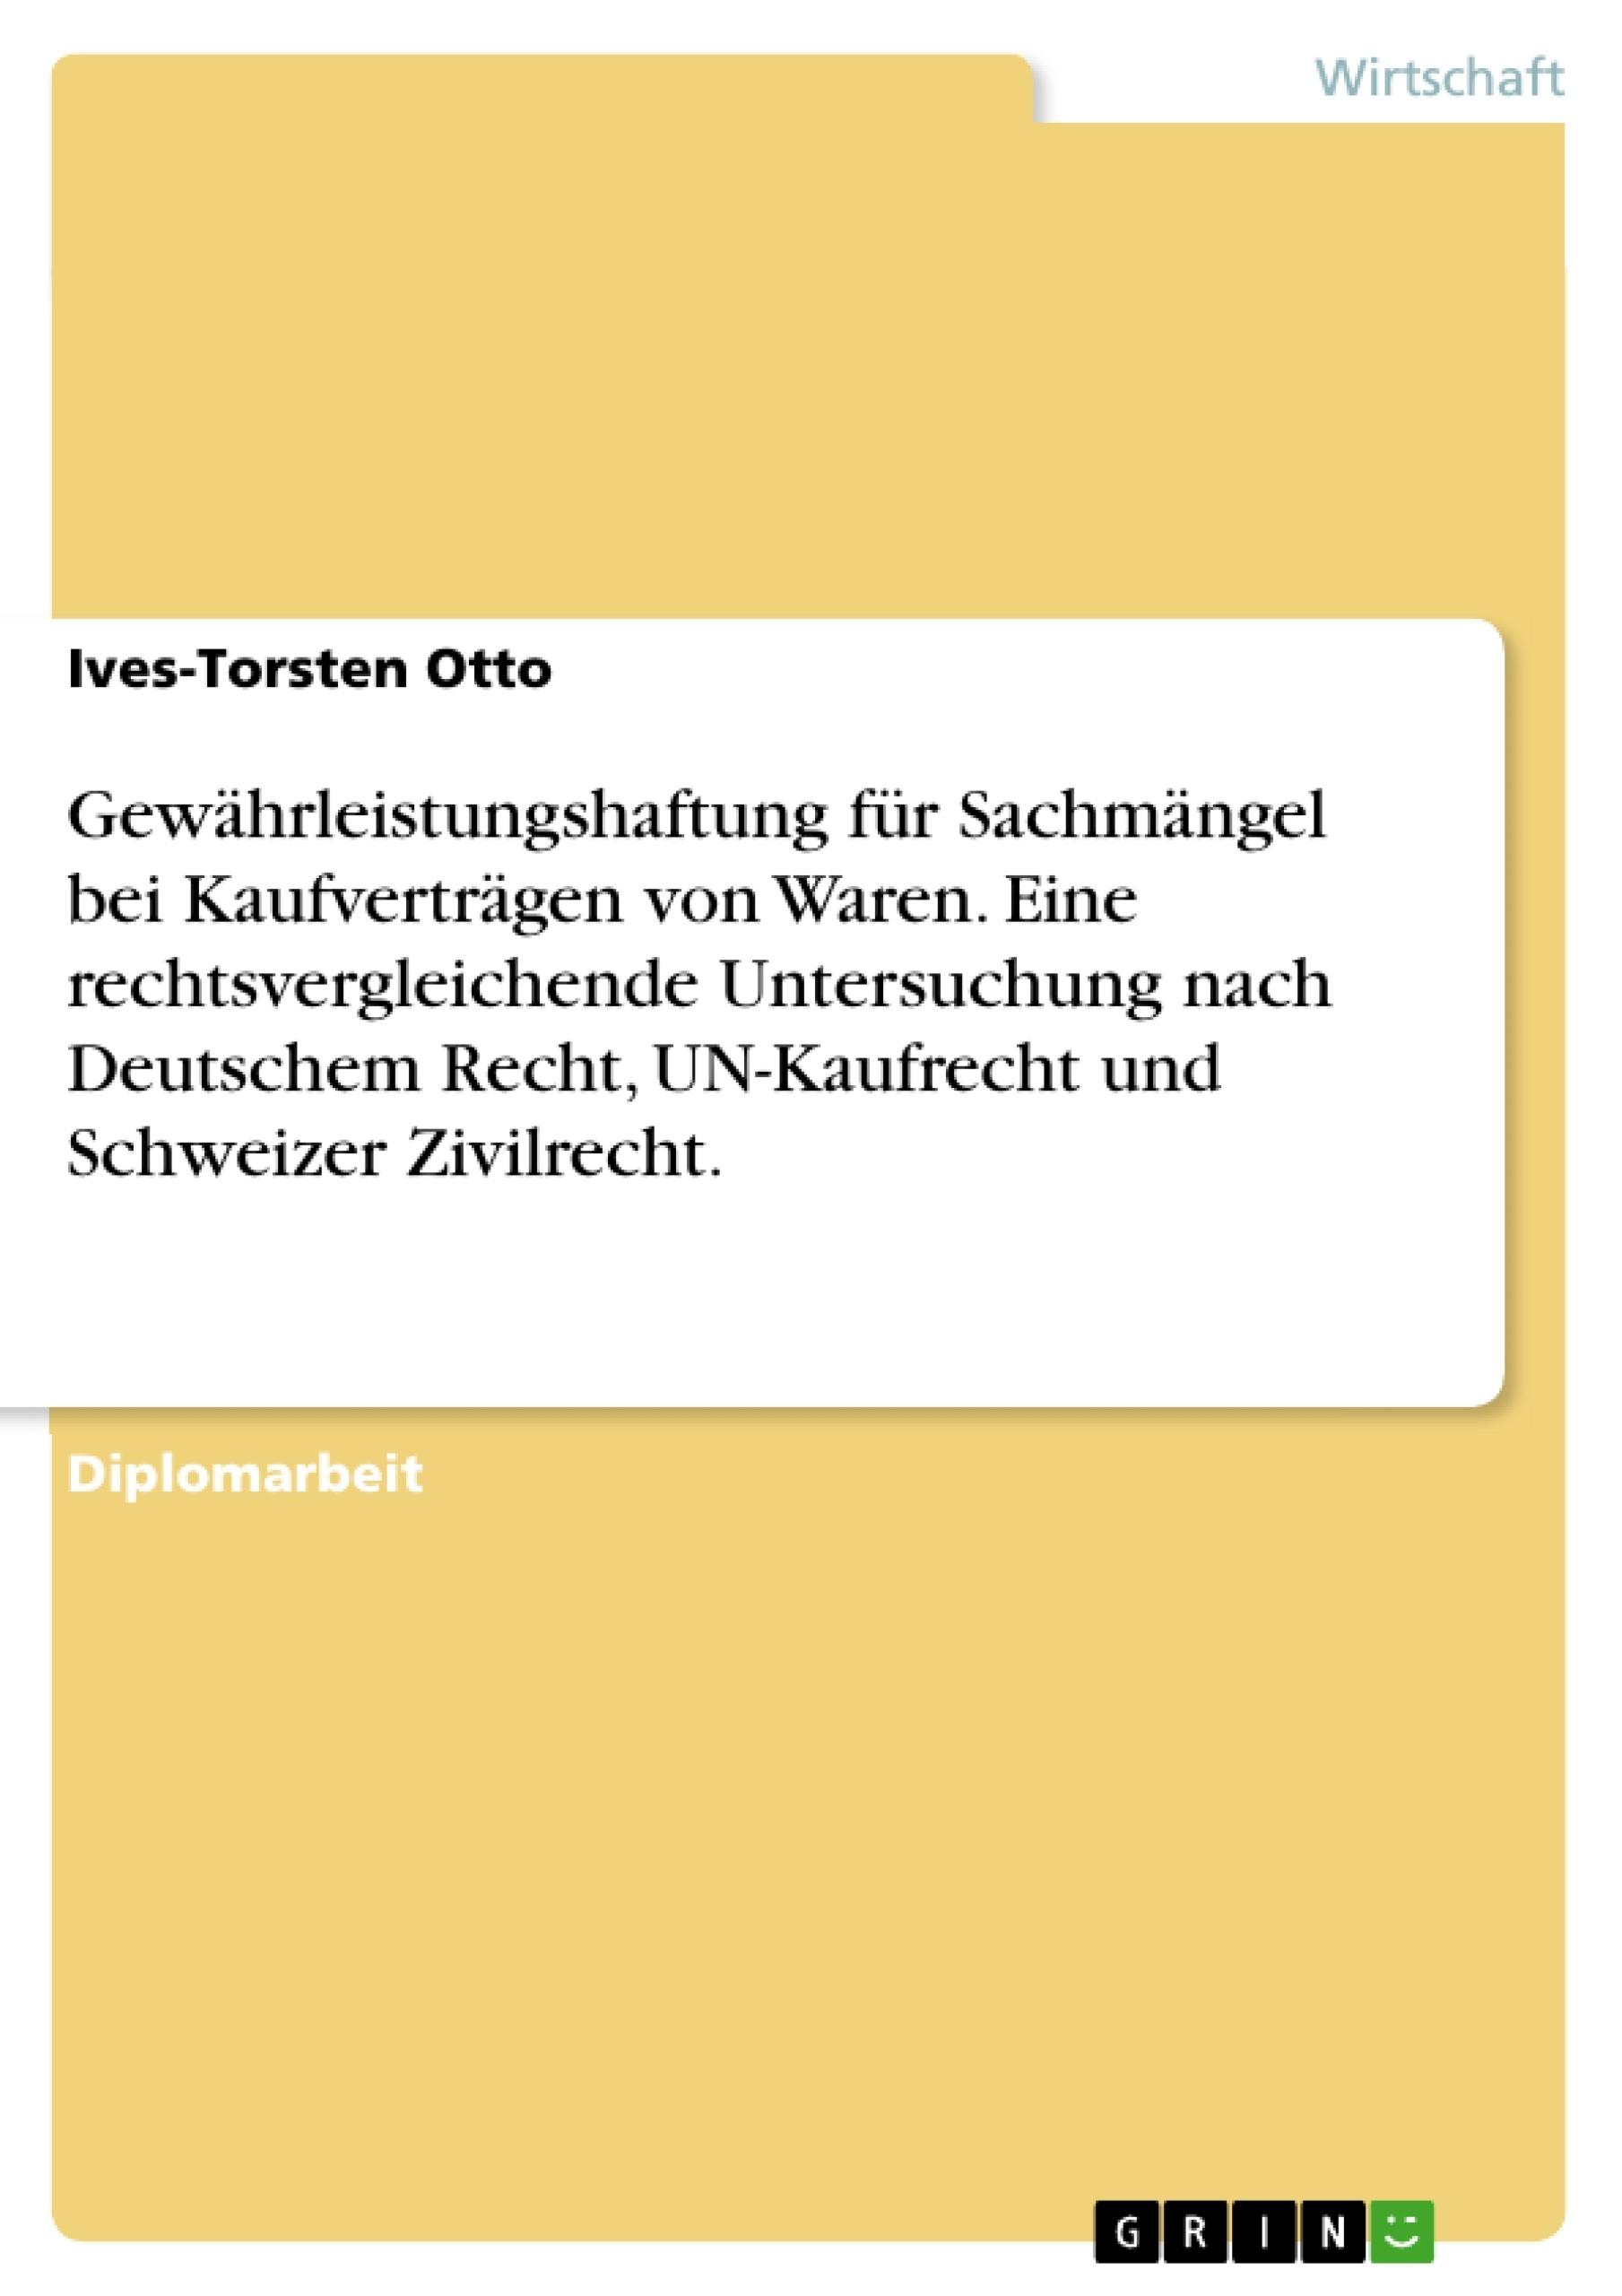 Titel: Gewährleistungshaftung für Sachmängel bei Kaufverträgen von Waren. Eine rechtsvergleichende Untersuchung nach Deutschem Recht, UN-Kaufrecht und Schweizer Zivilrecht.